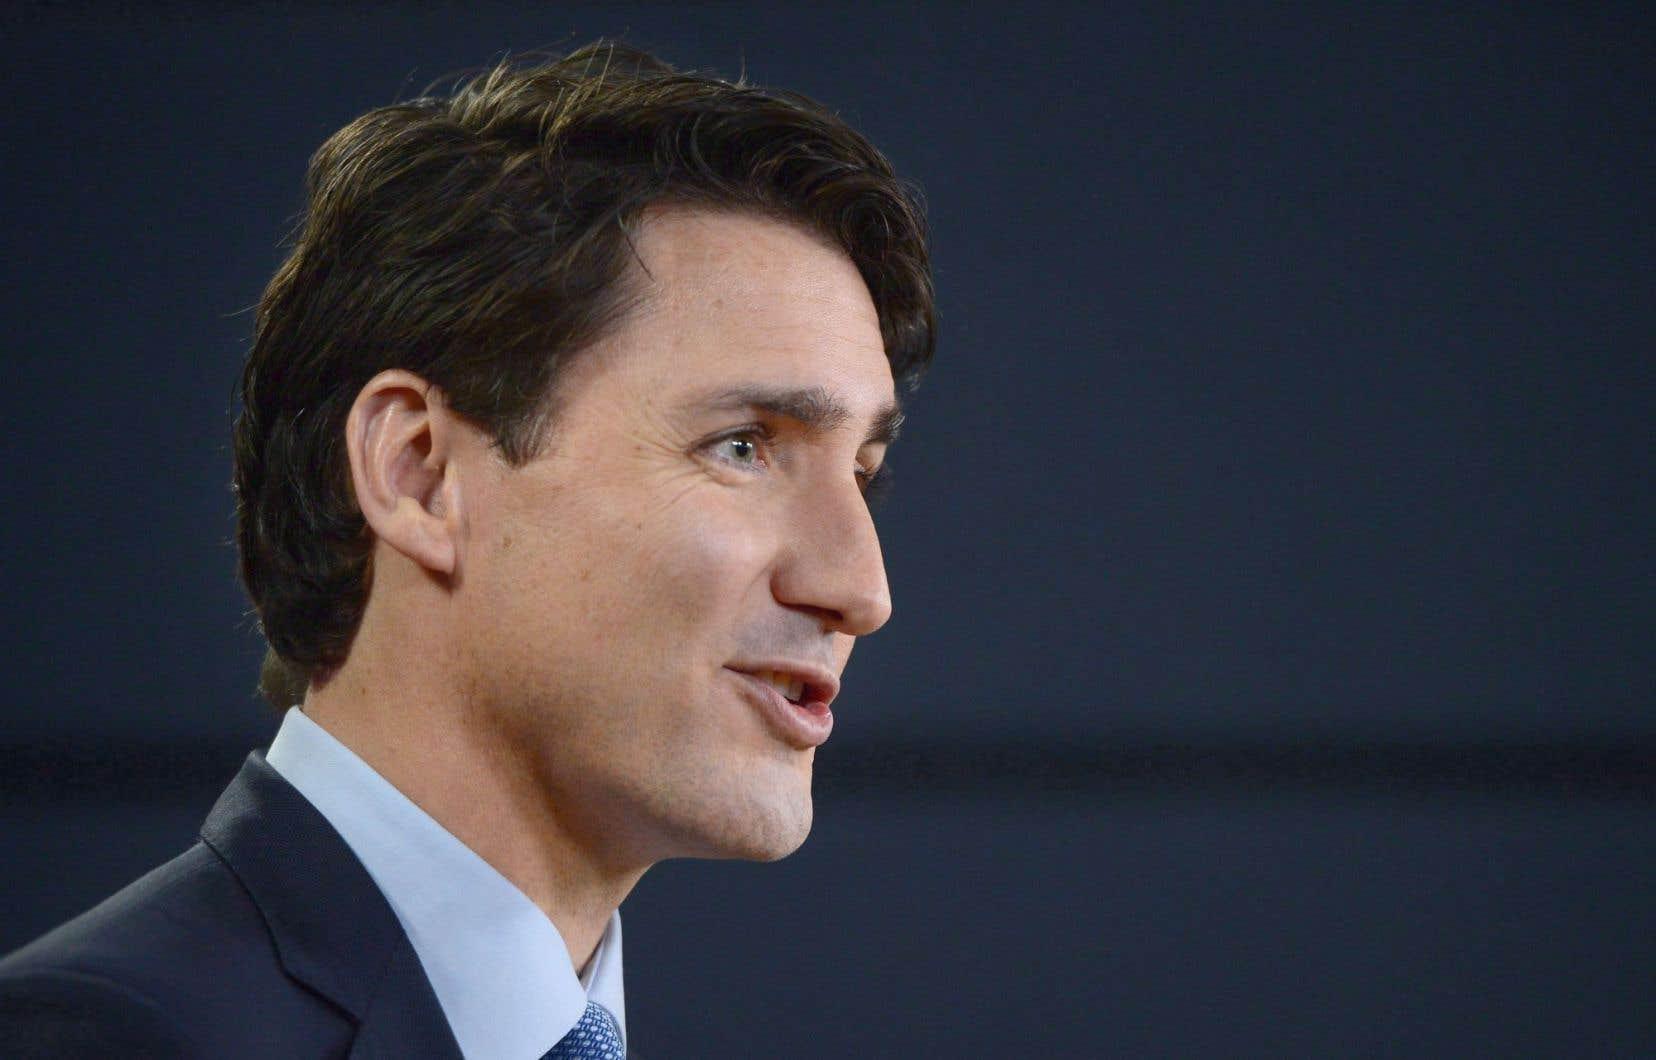 Le gouvernement libéral de Justin Trudeau est sur des charbons ardents depuis cet automne à cause de la participation du premier ministre et de certains de ses ministres à des activités de financement privées.